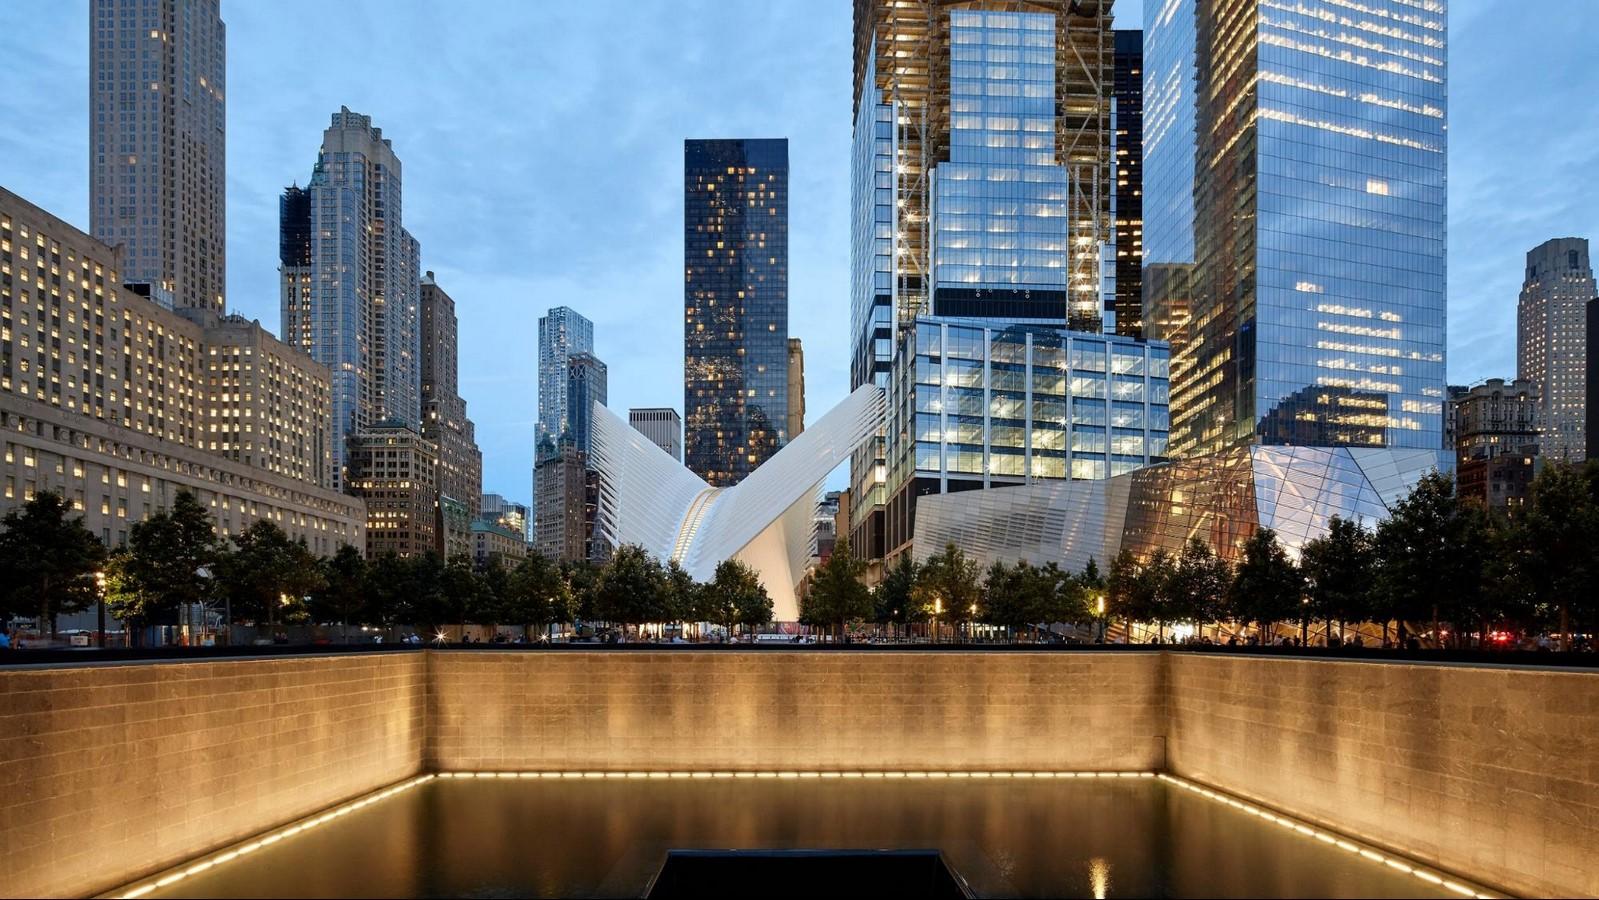 World Trade Centre Hub / Oculus - Sheet1